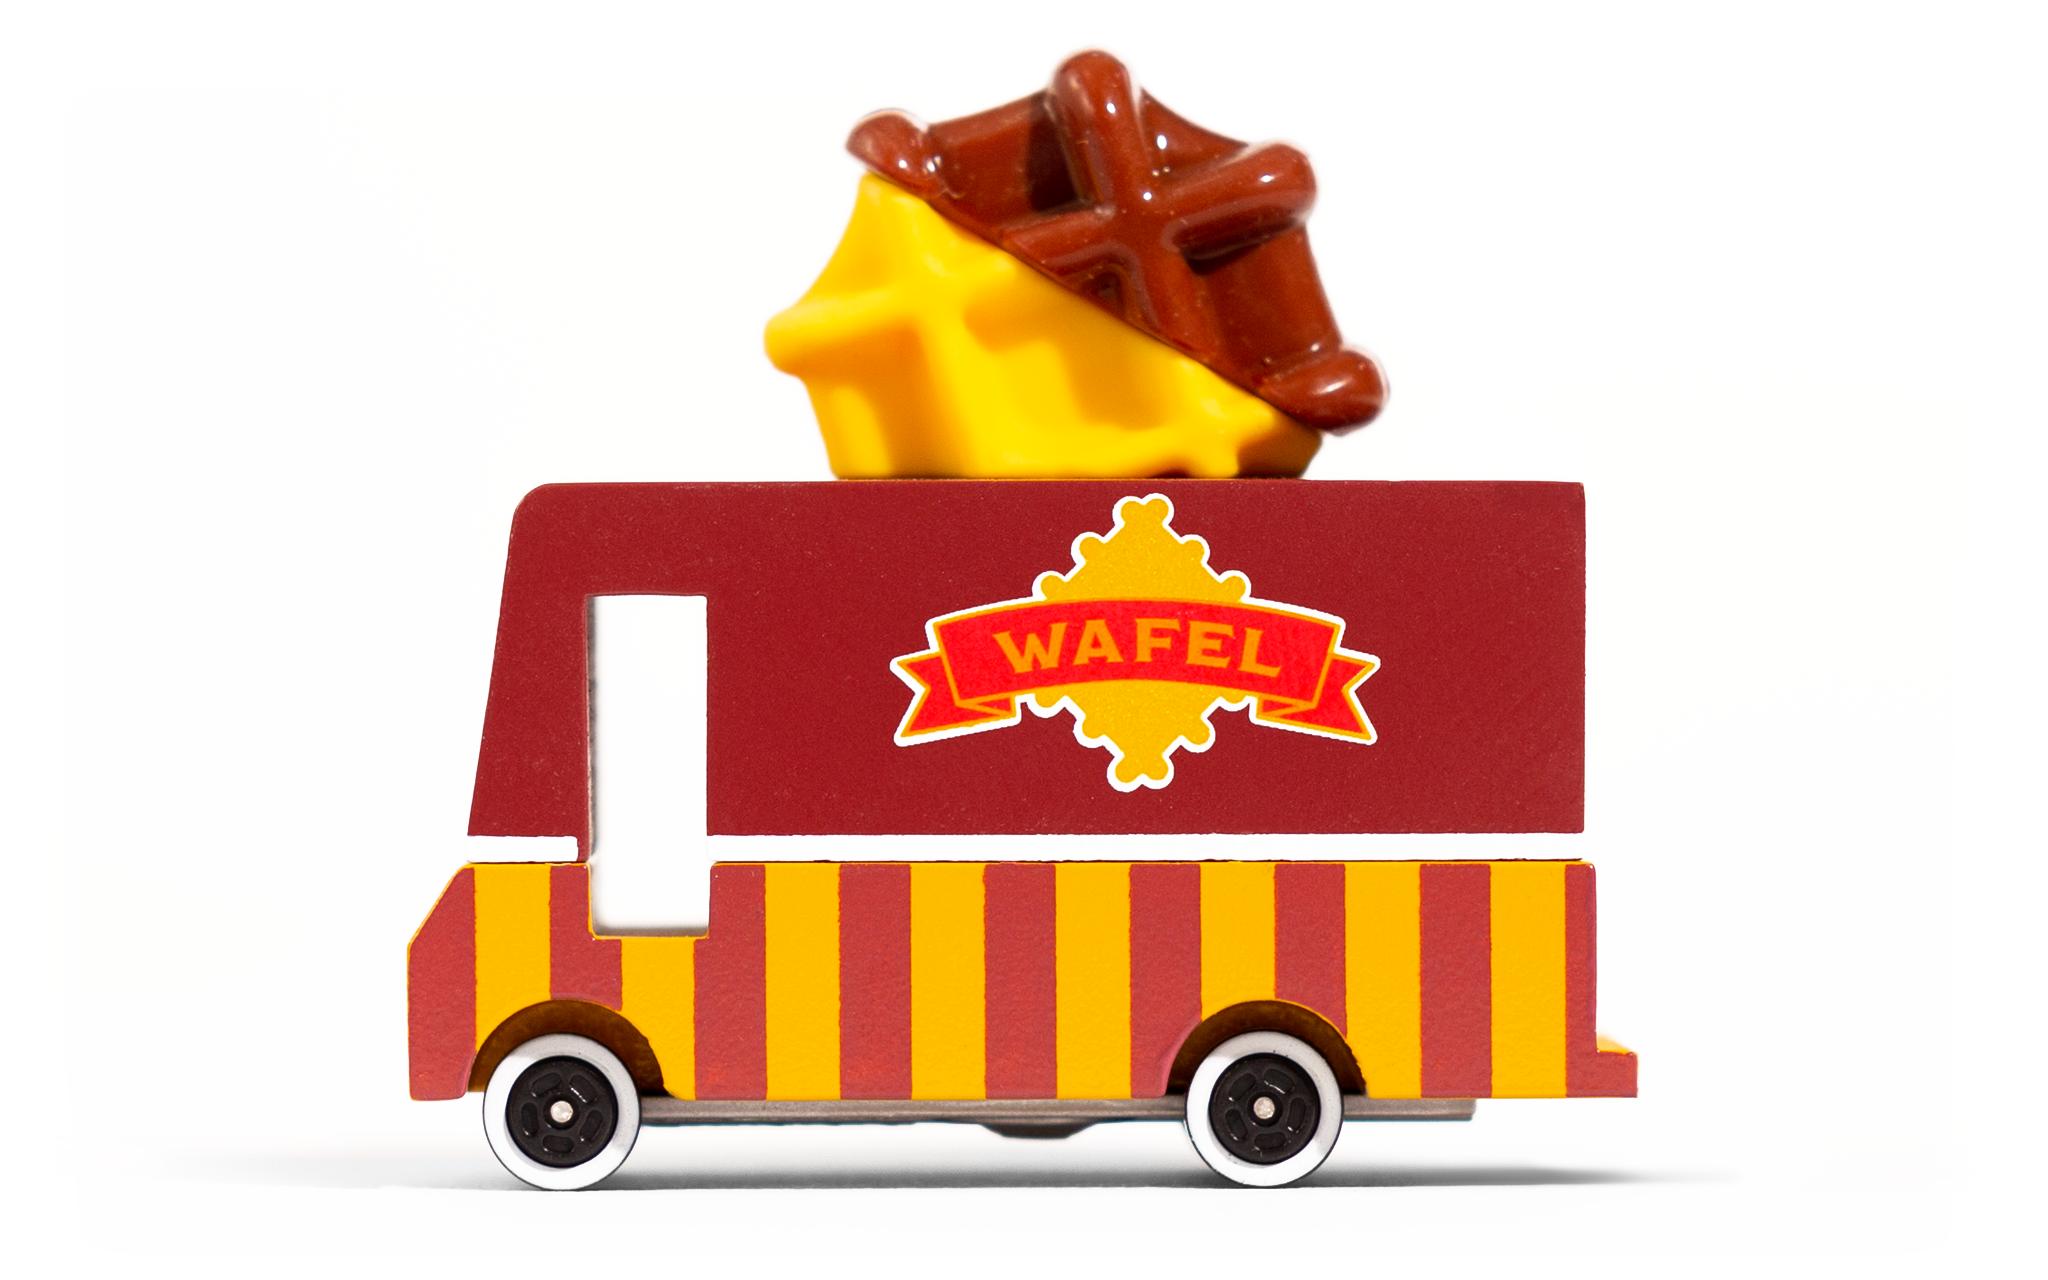 Waffle_Side_b4d208da-4114-4043-a66c-33b75d30bd76_2048x